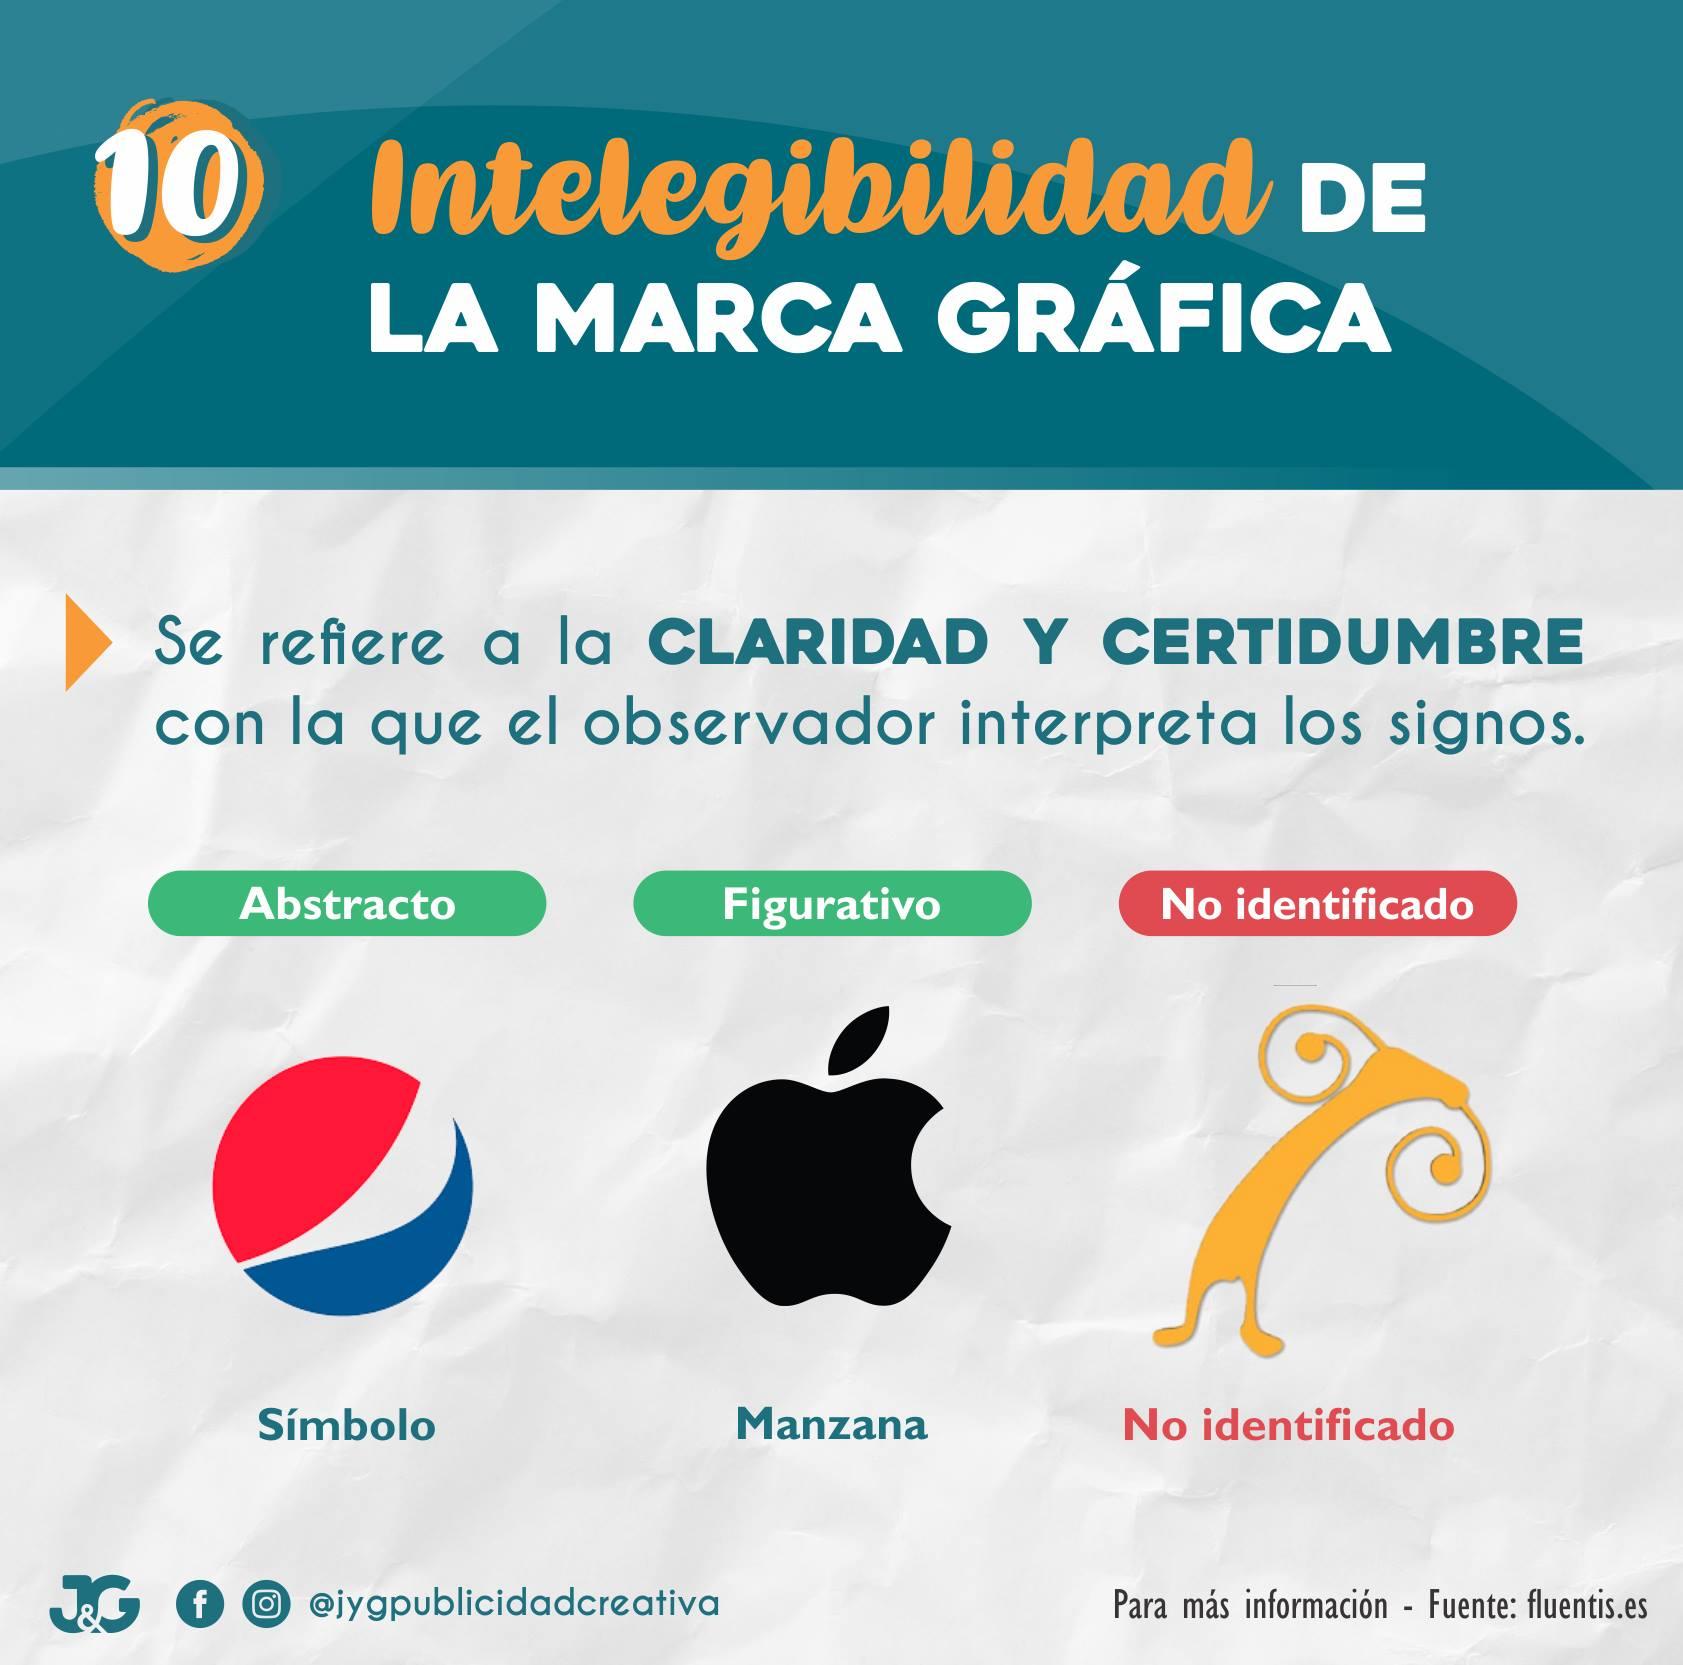 10 - Intelegibilida de la marca gráfica - JyG